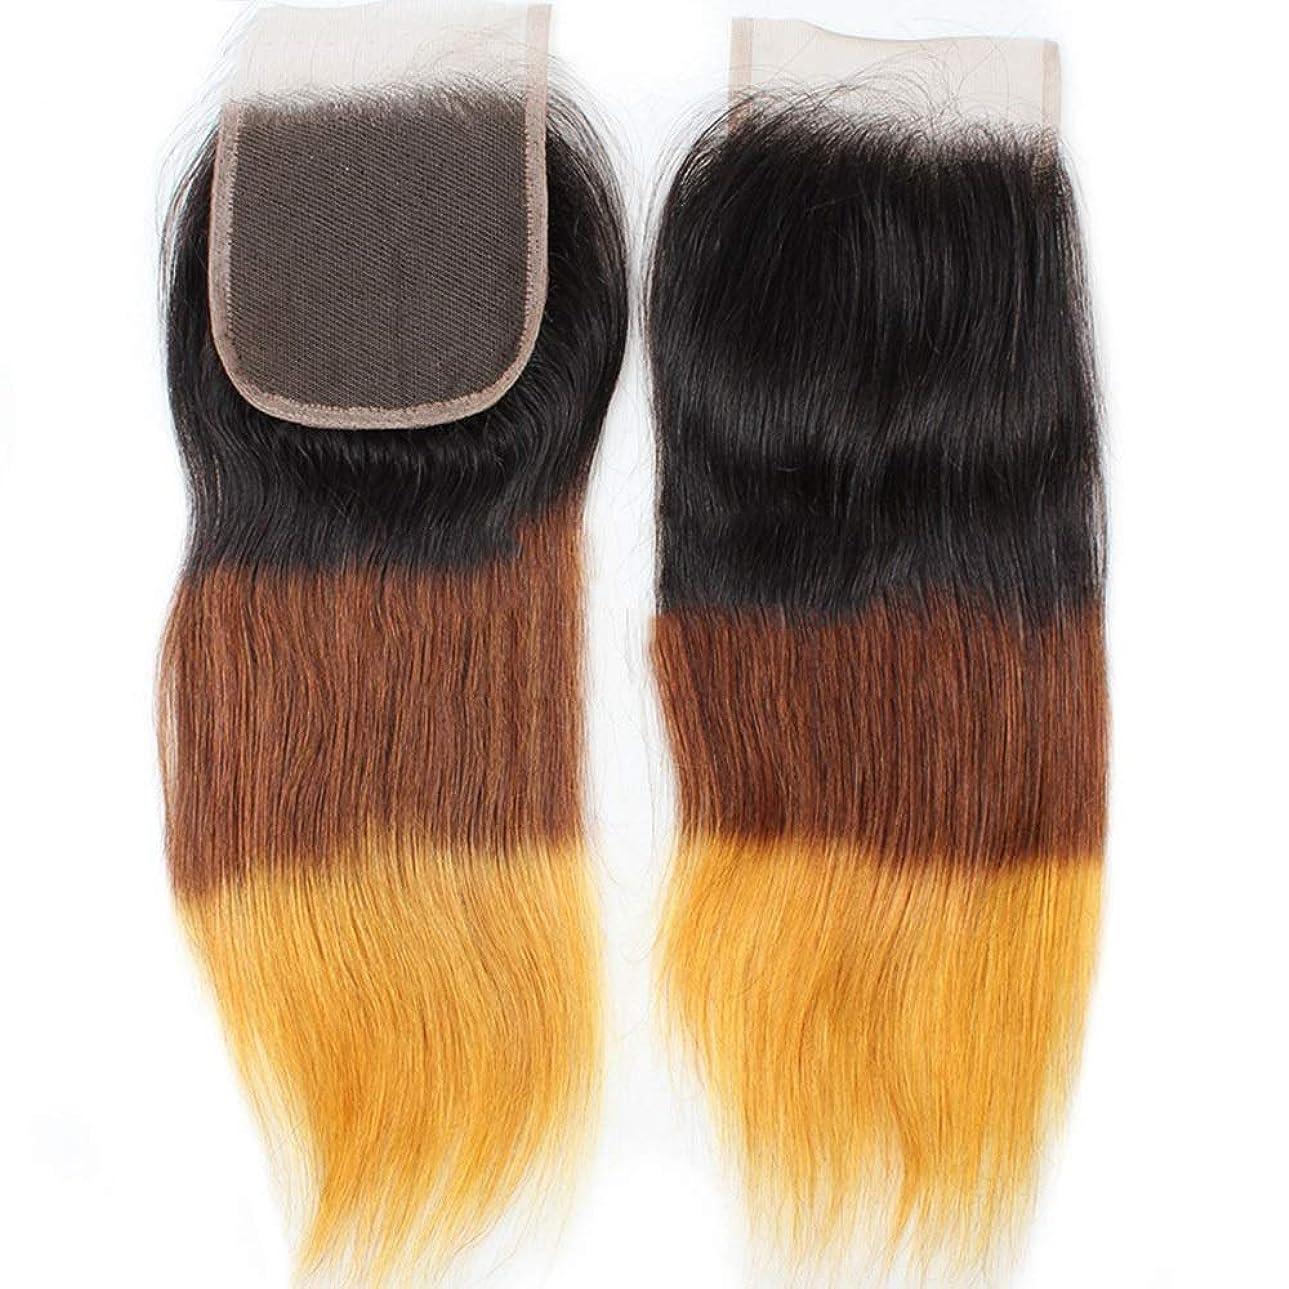 モットー肉腫れるHOHYLLYA 4×4レース前頭閉鎖無料部分耳から耳9Aブラジルストレートヘアグラデーションカラー人間の髪の毛の合成髪レースかつらロールプレイングウィッグロングとショートの女性自然 (色 : ブラウン, サイズ : 10 inch)